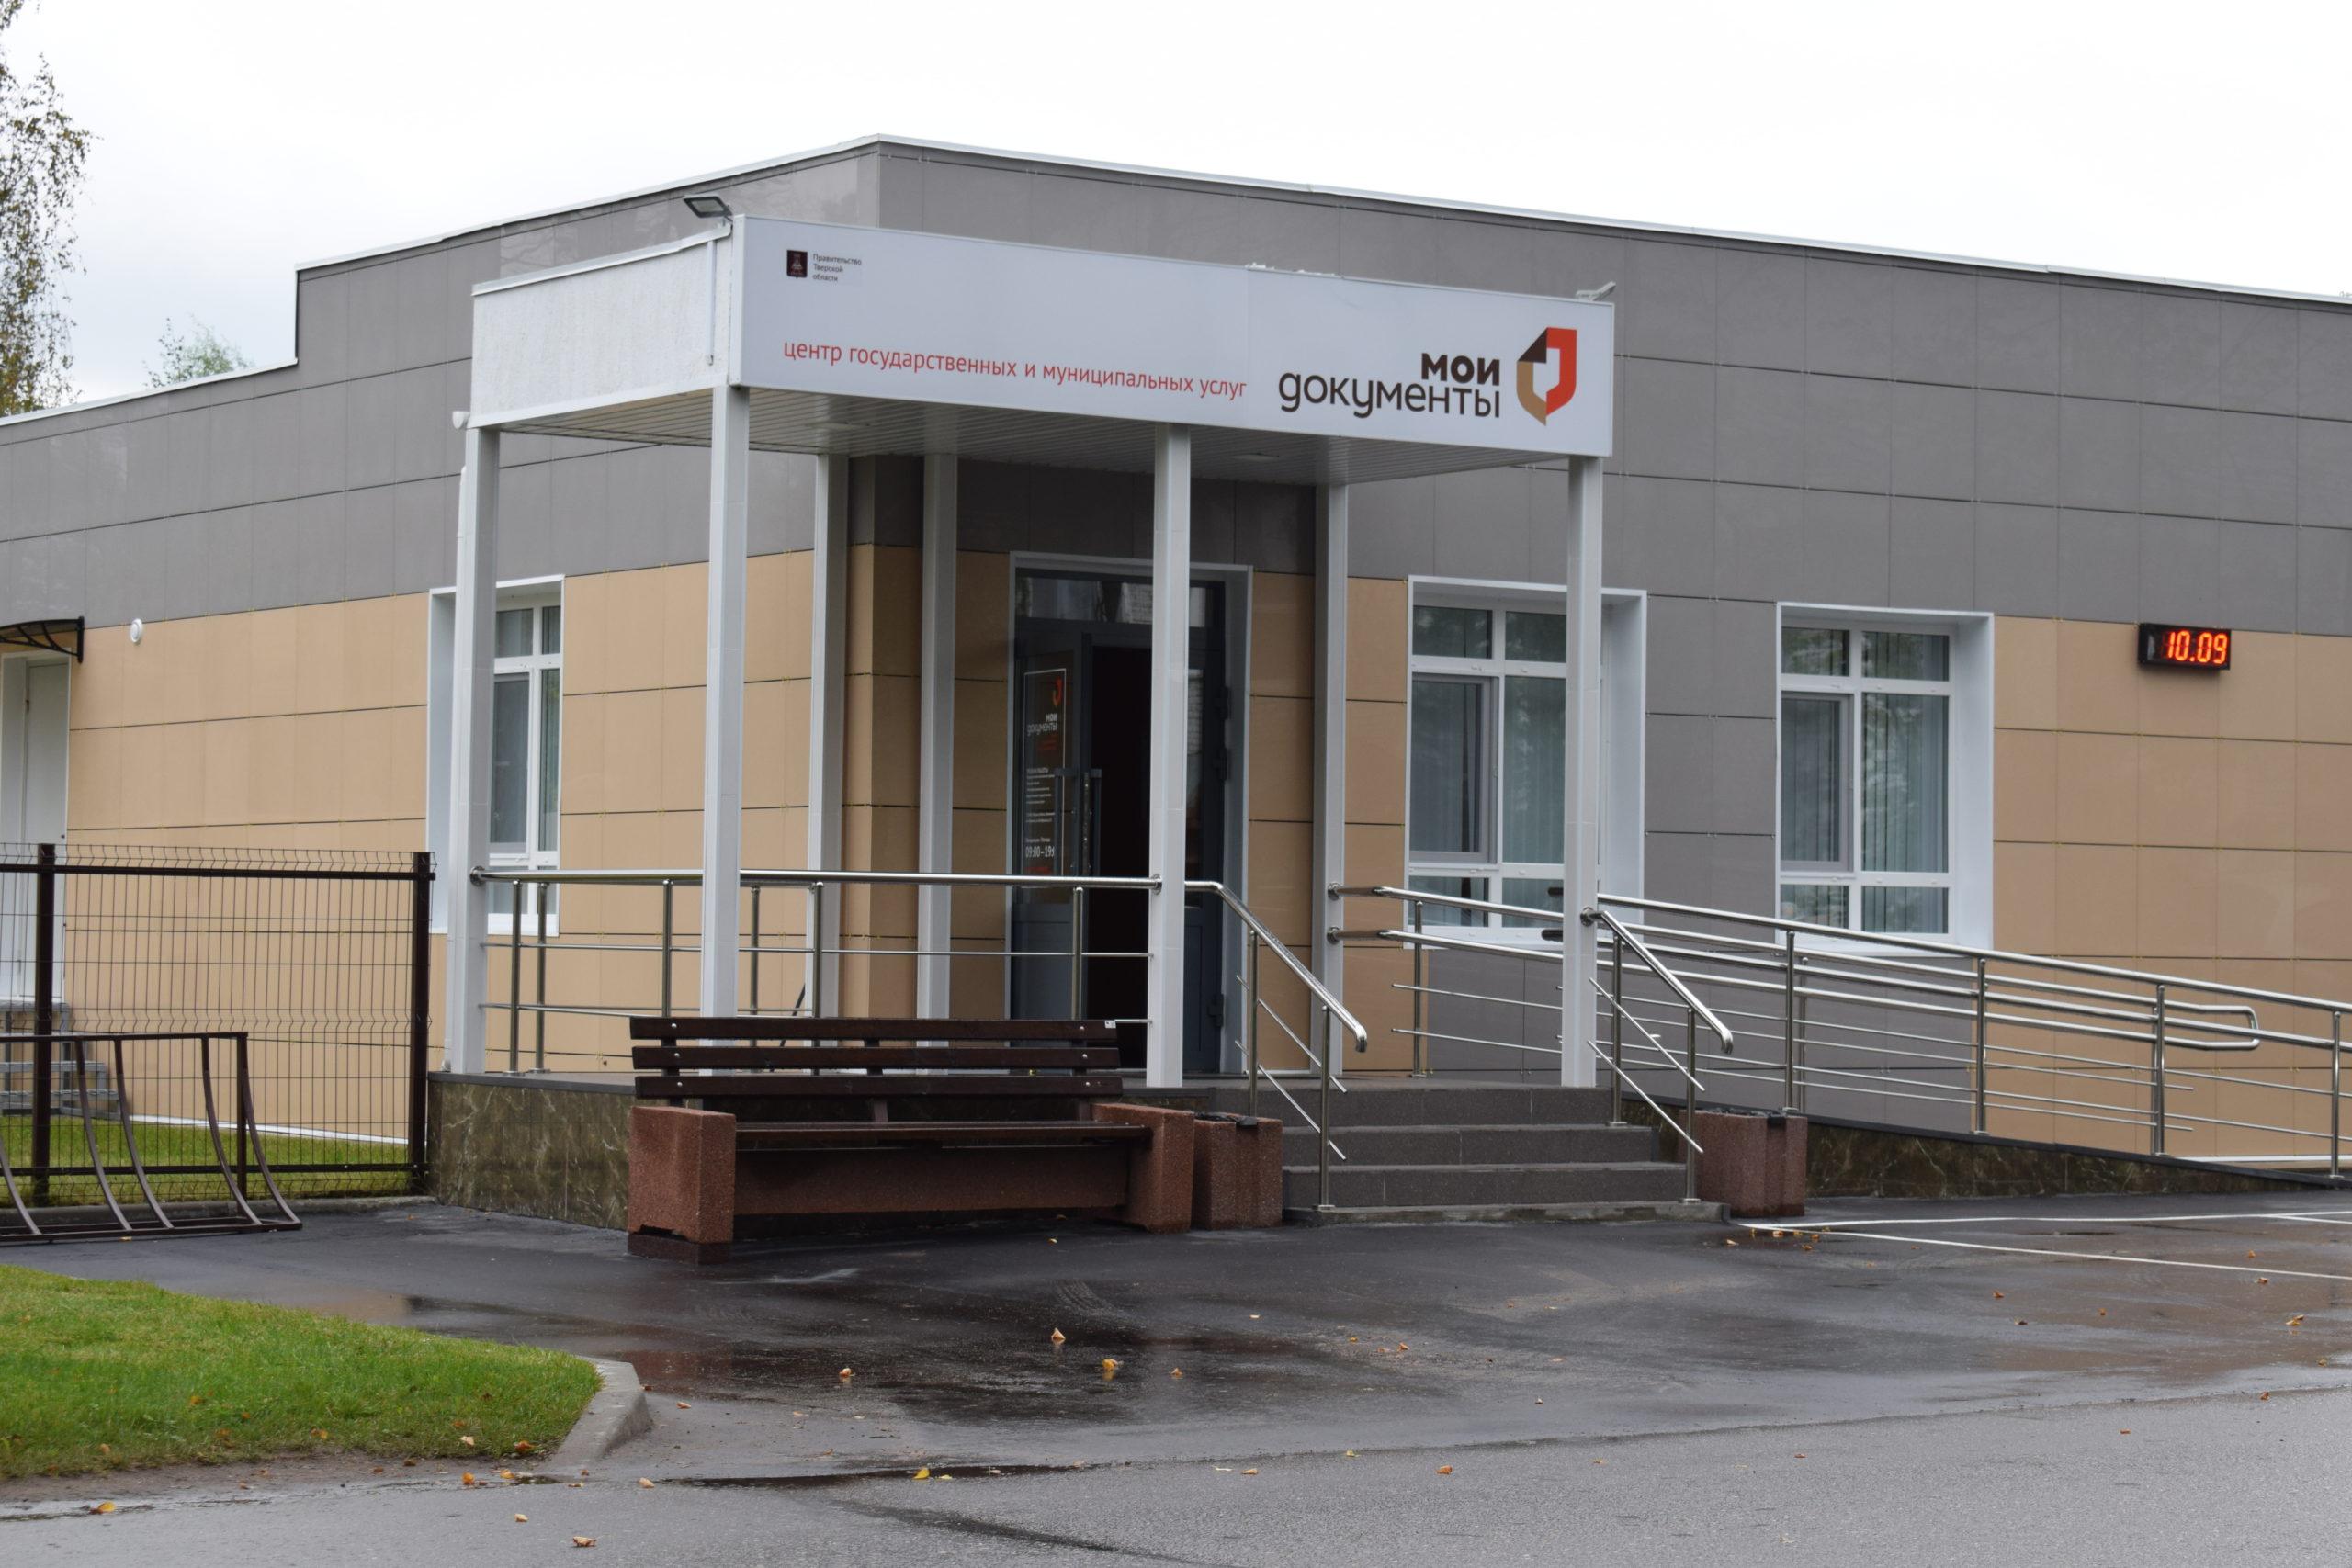 В посёлке Оленино Тверской области открылся новый филиал МФЦ